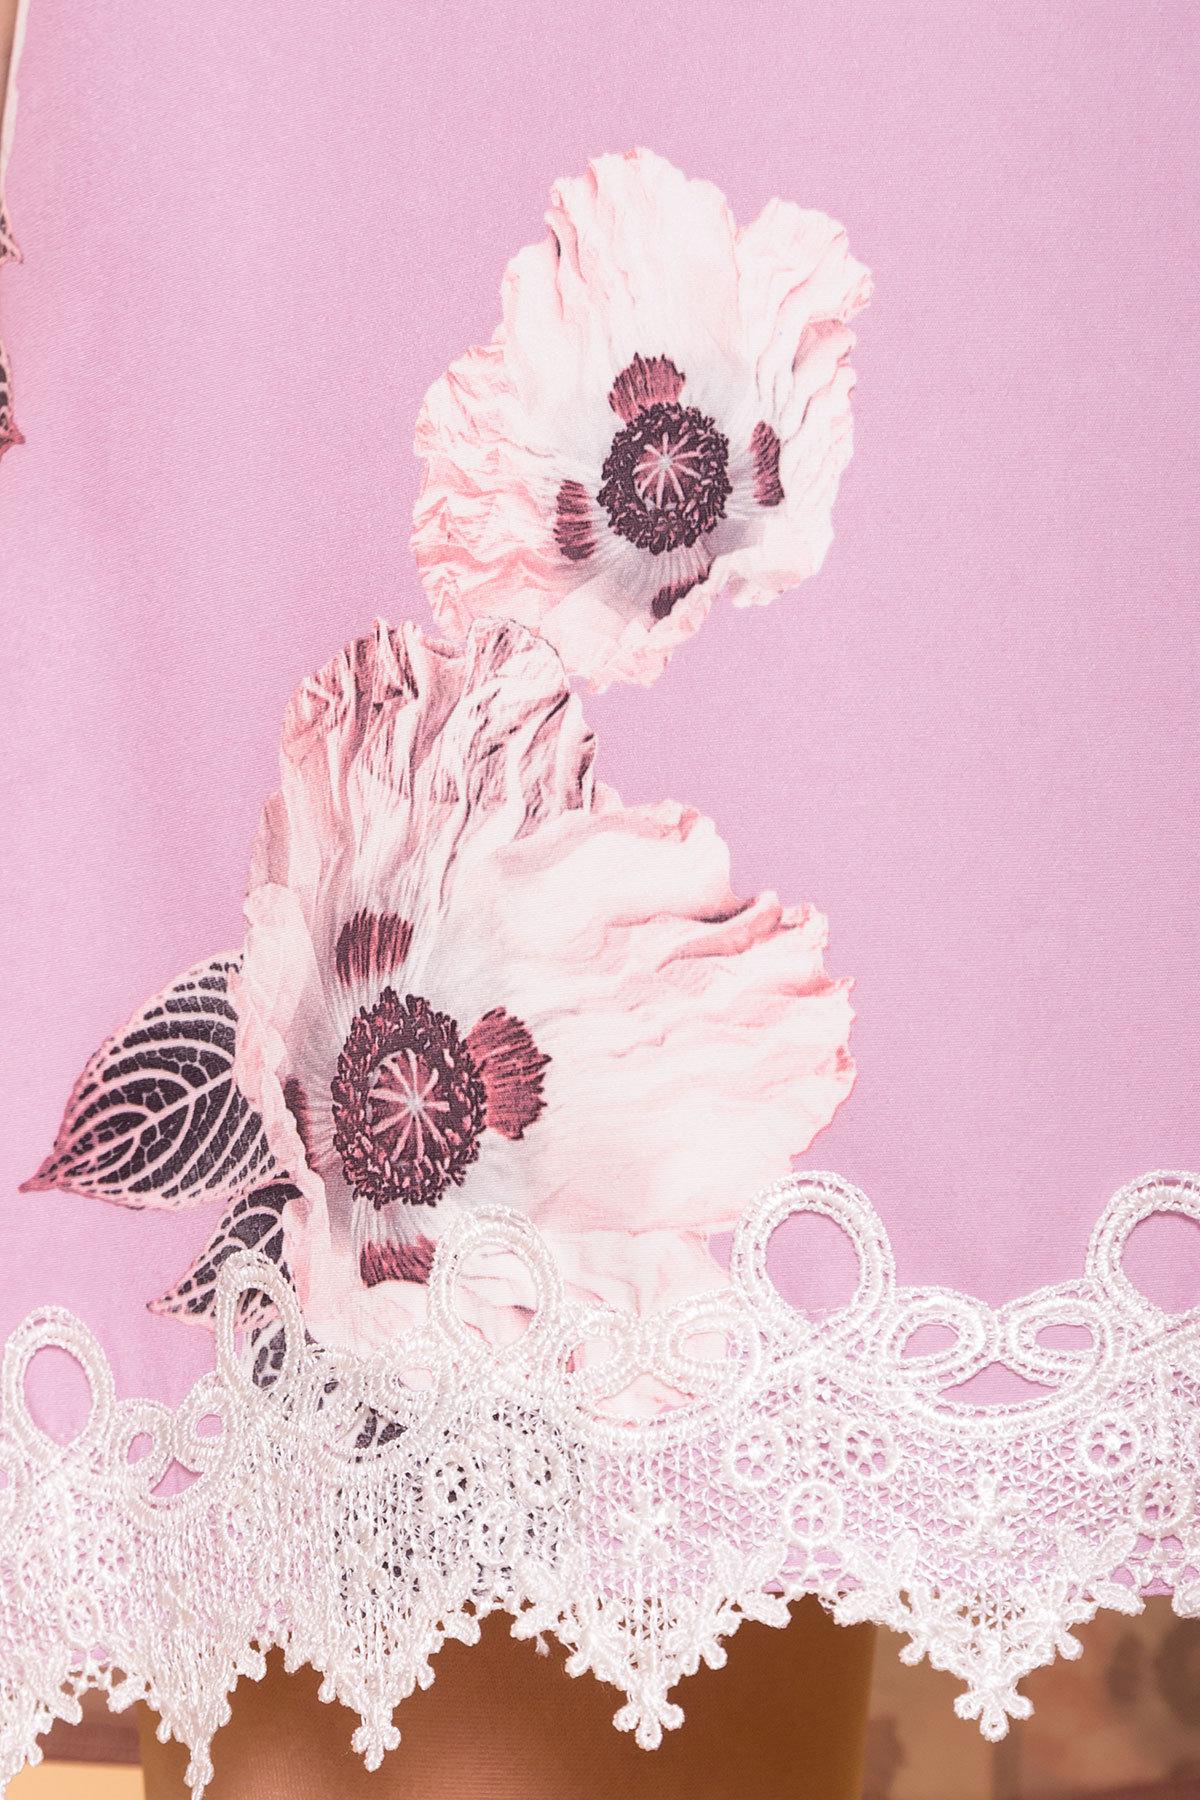 Платье Алексис 6752 АРТ. 41840 Цвет: цветы пудра темная - фото 4, интернет магазин tm-modus.ru